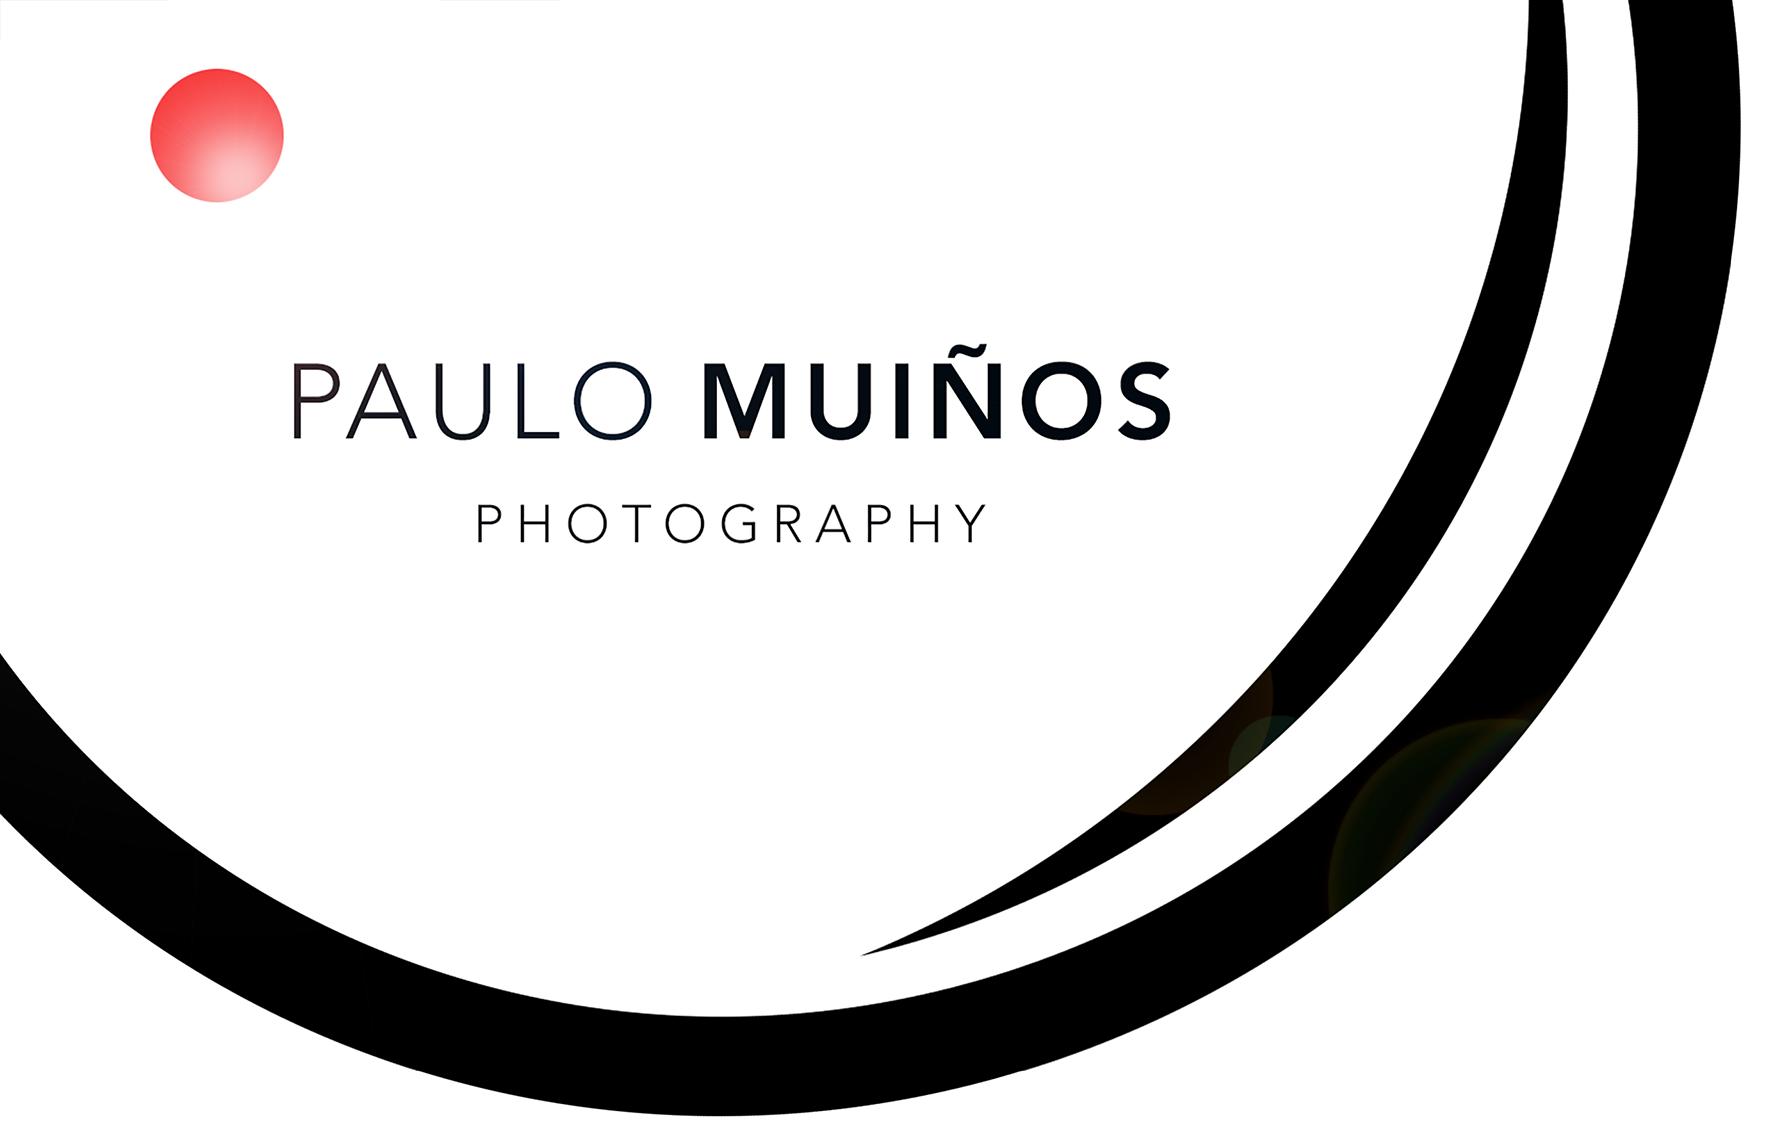 Paulo Muiños